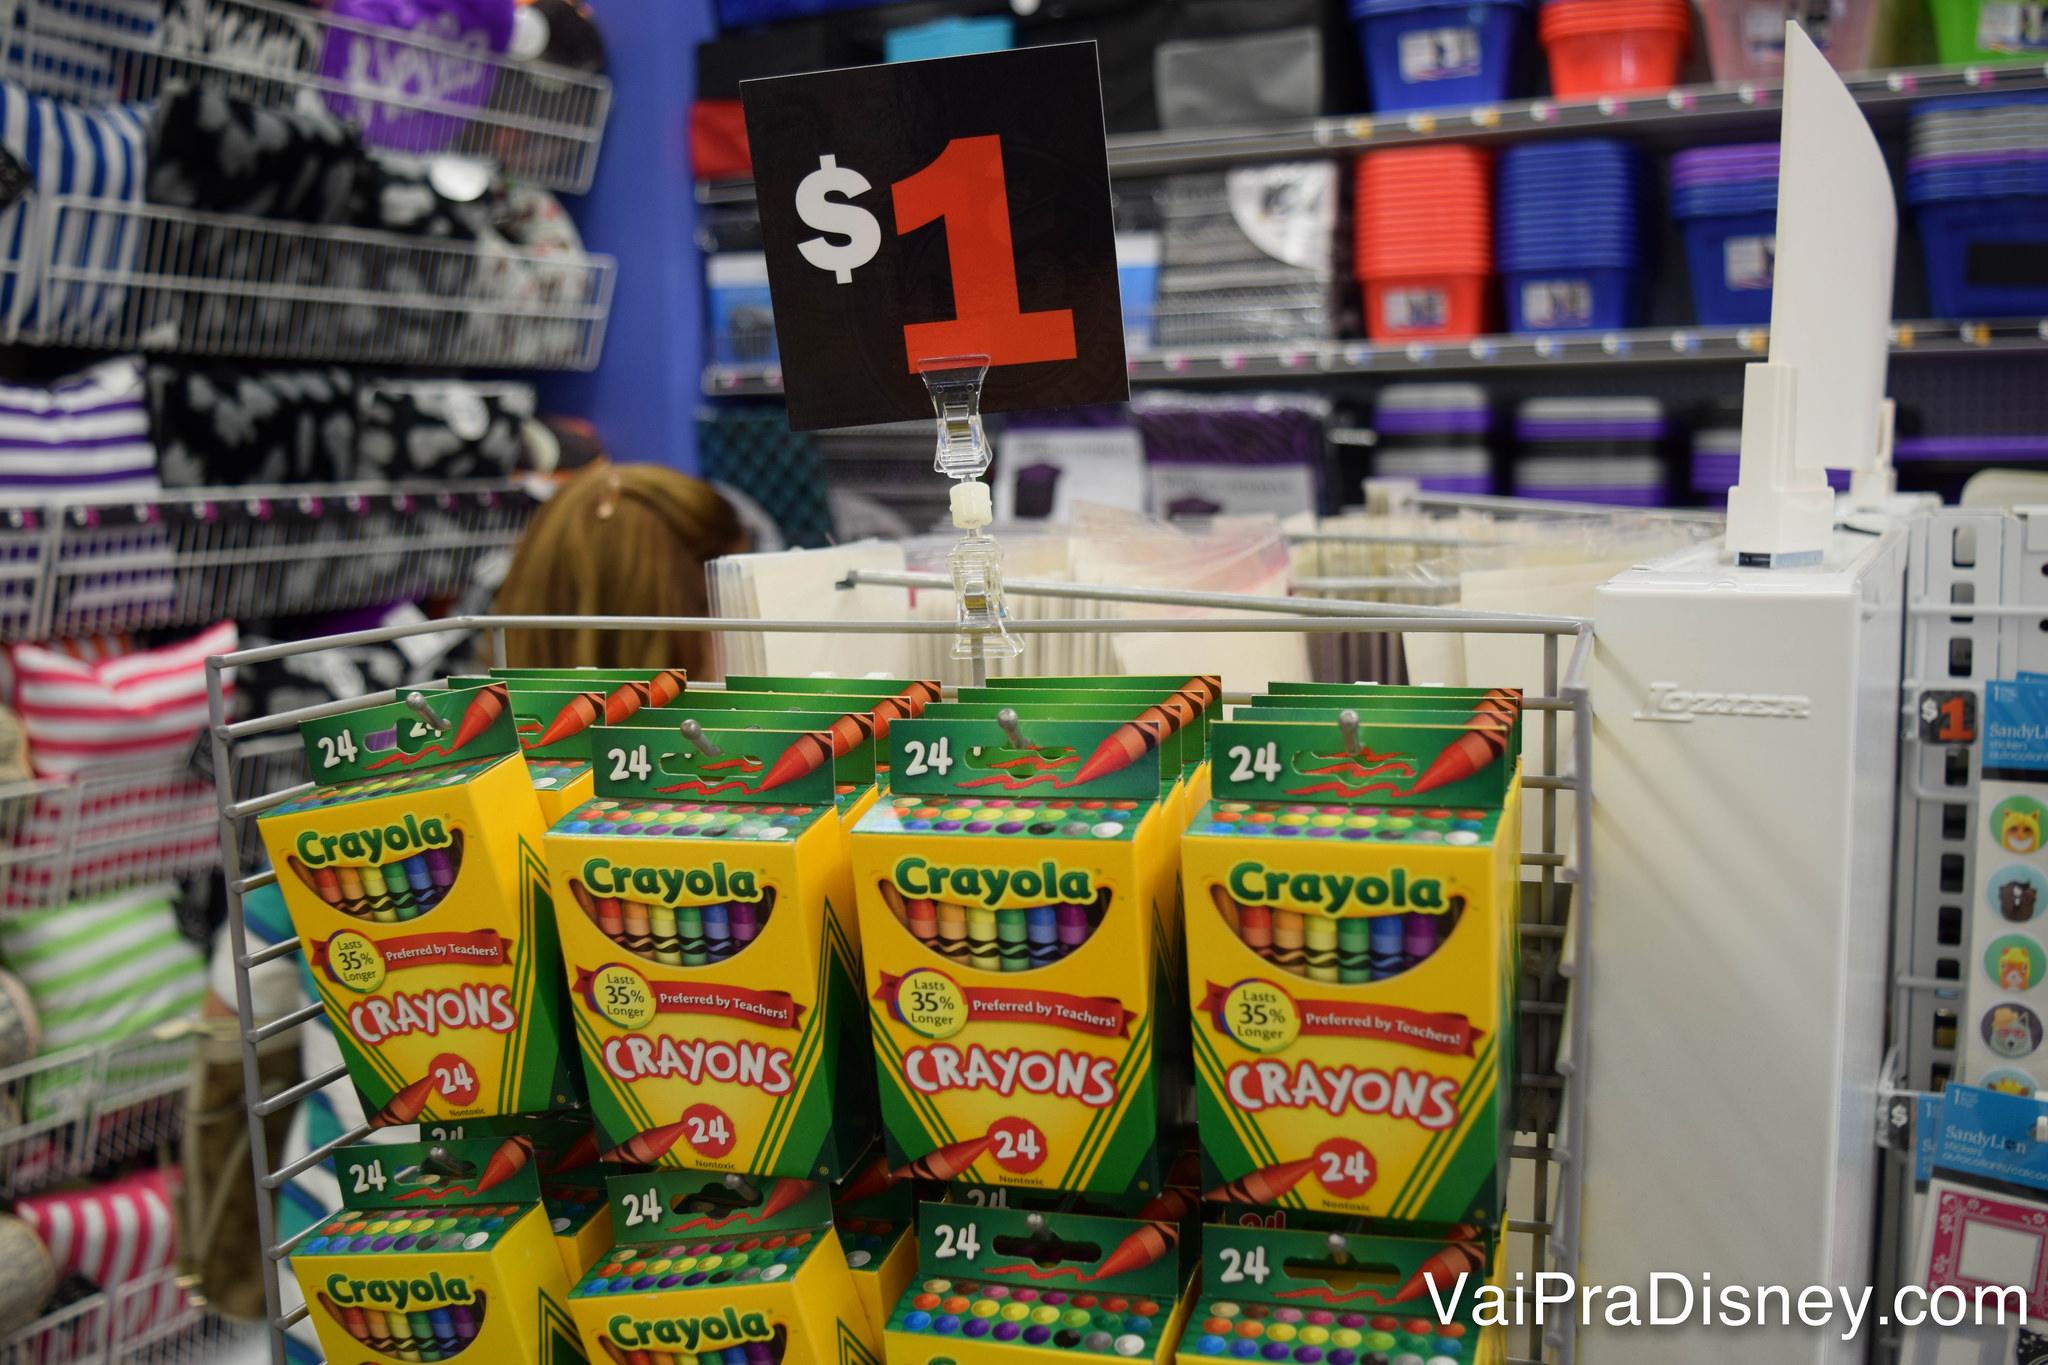 Pacotinho de Crayola por US$1!